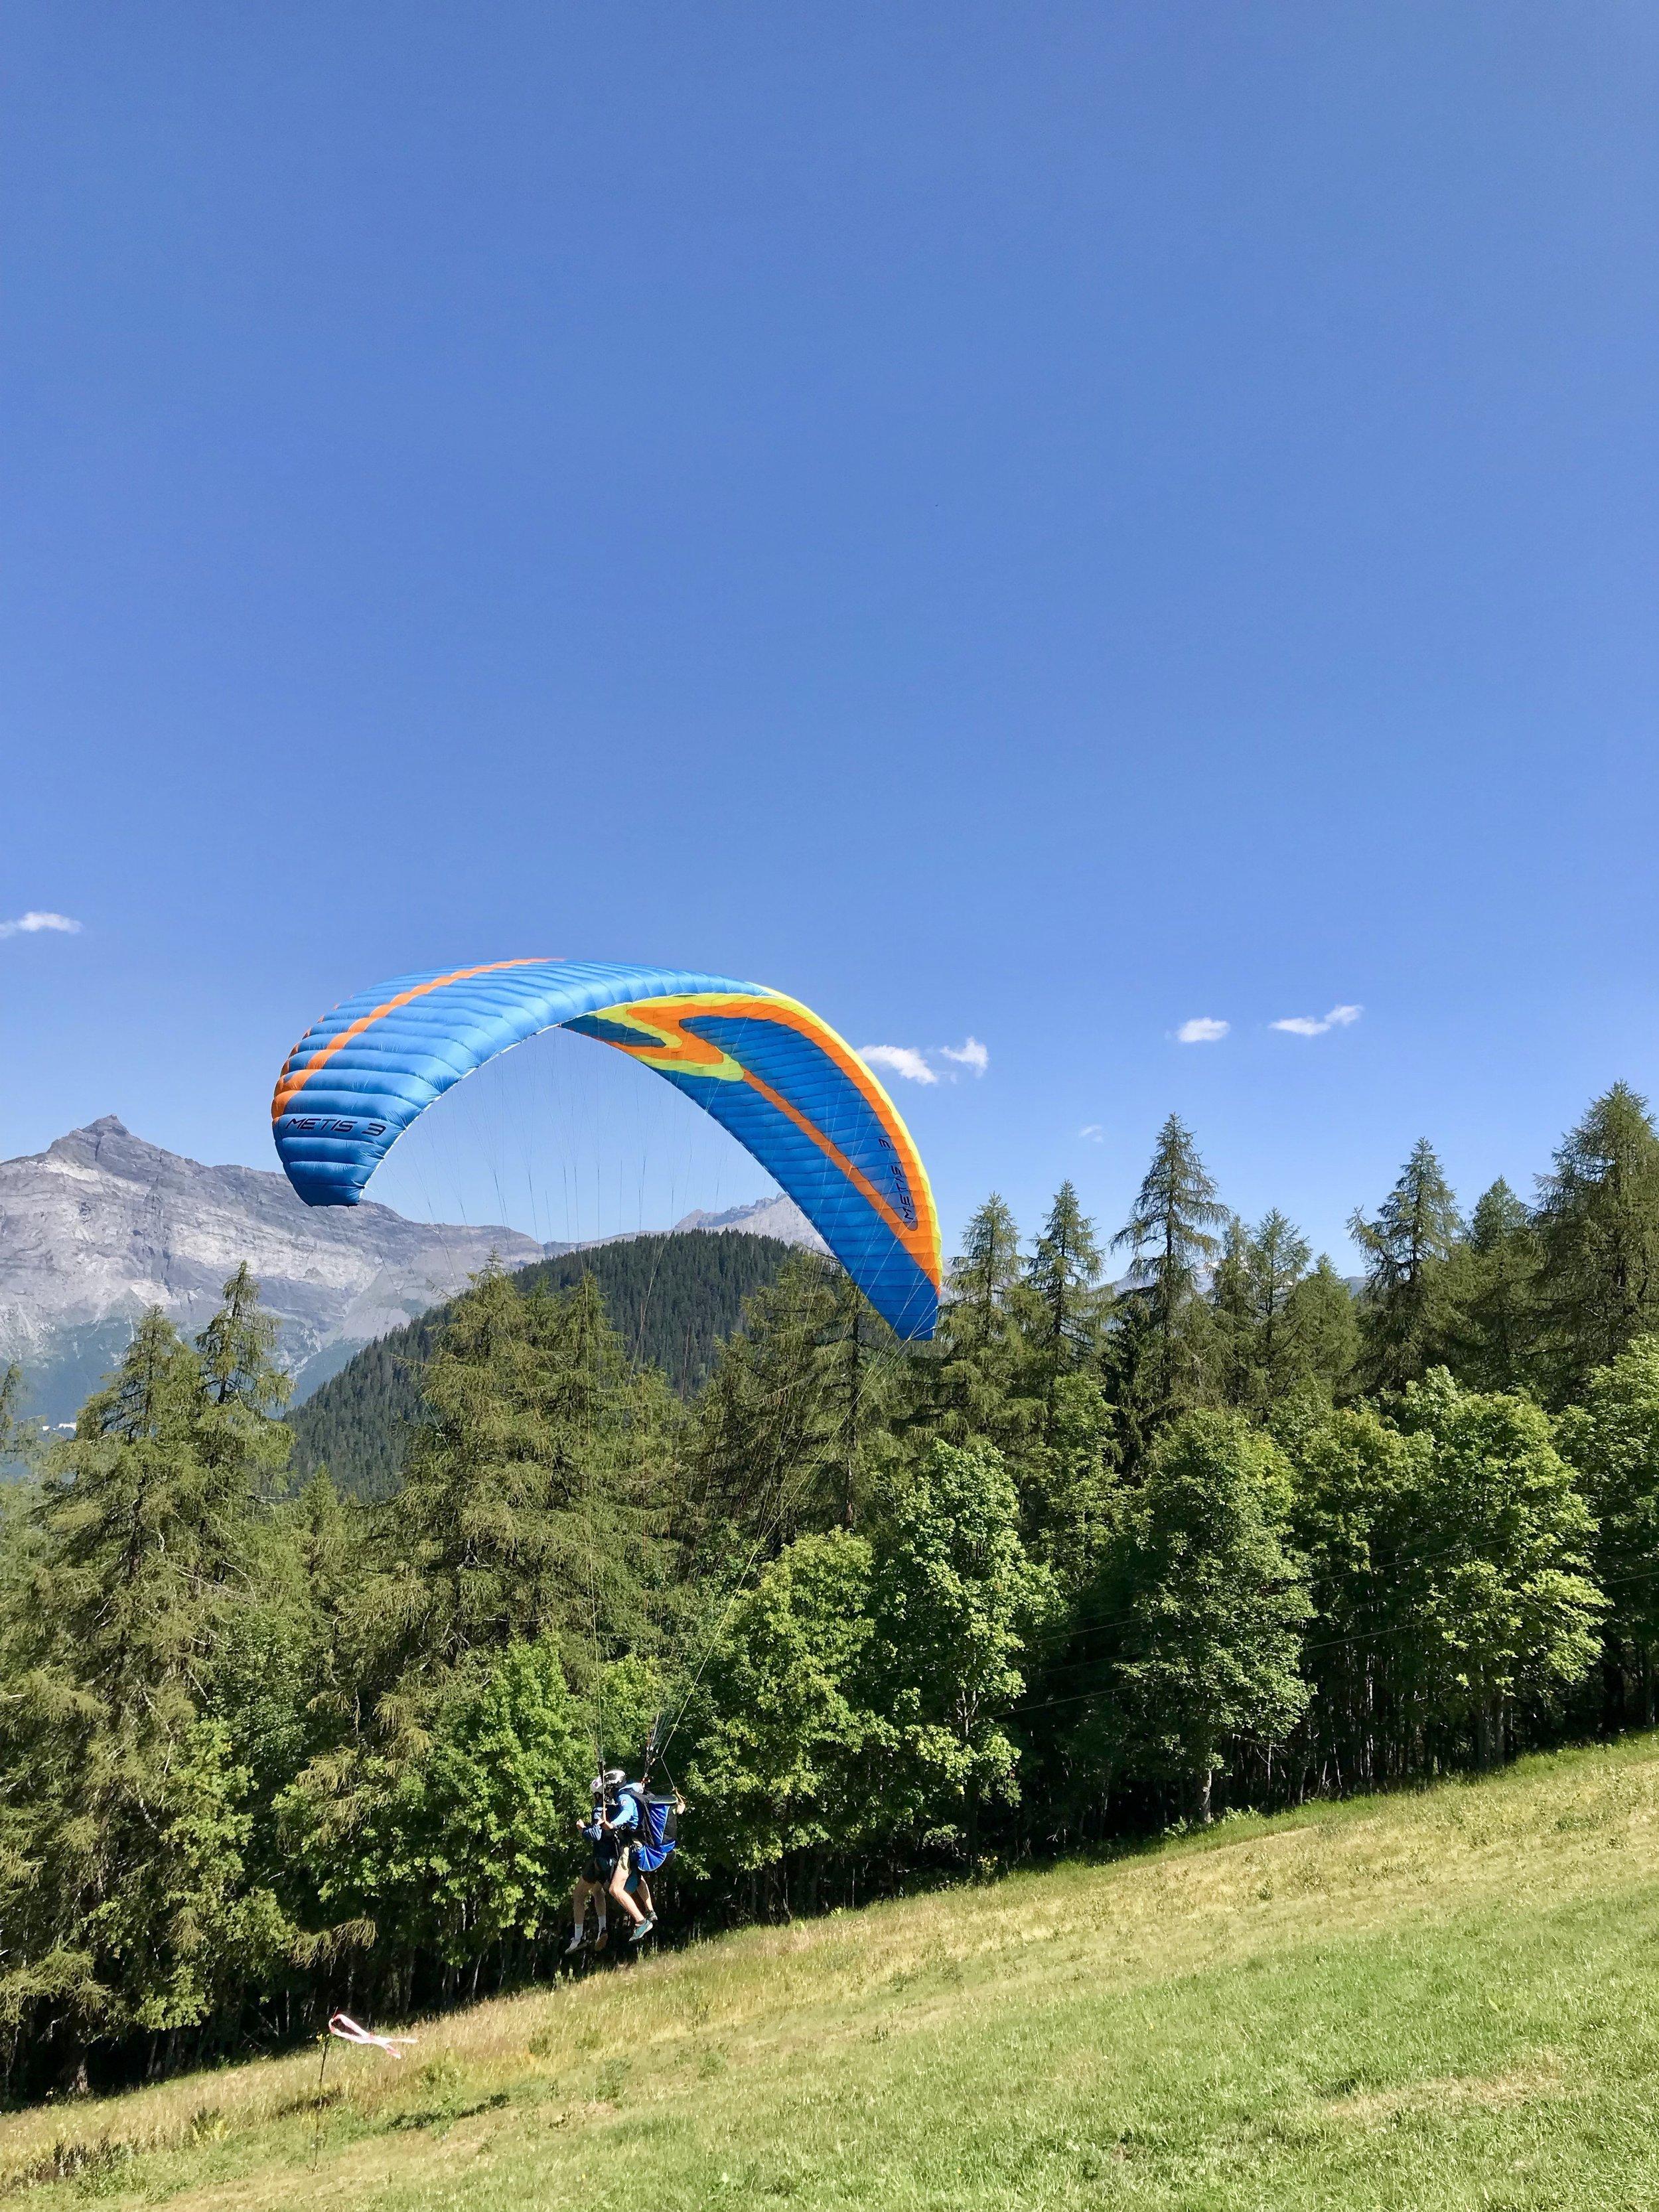 l'été à la montagne - La montagne est un espace de découverte et de loisir unique avec la particularité d'offrir une profusion d'activités.L'été dans le massif du Mont-Blanc permet de pratiquer de très nombreuses activités sportives ou tout simplement de loisir, tout en se ressourçant au milieu de la nature.